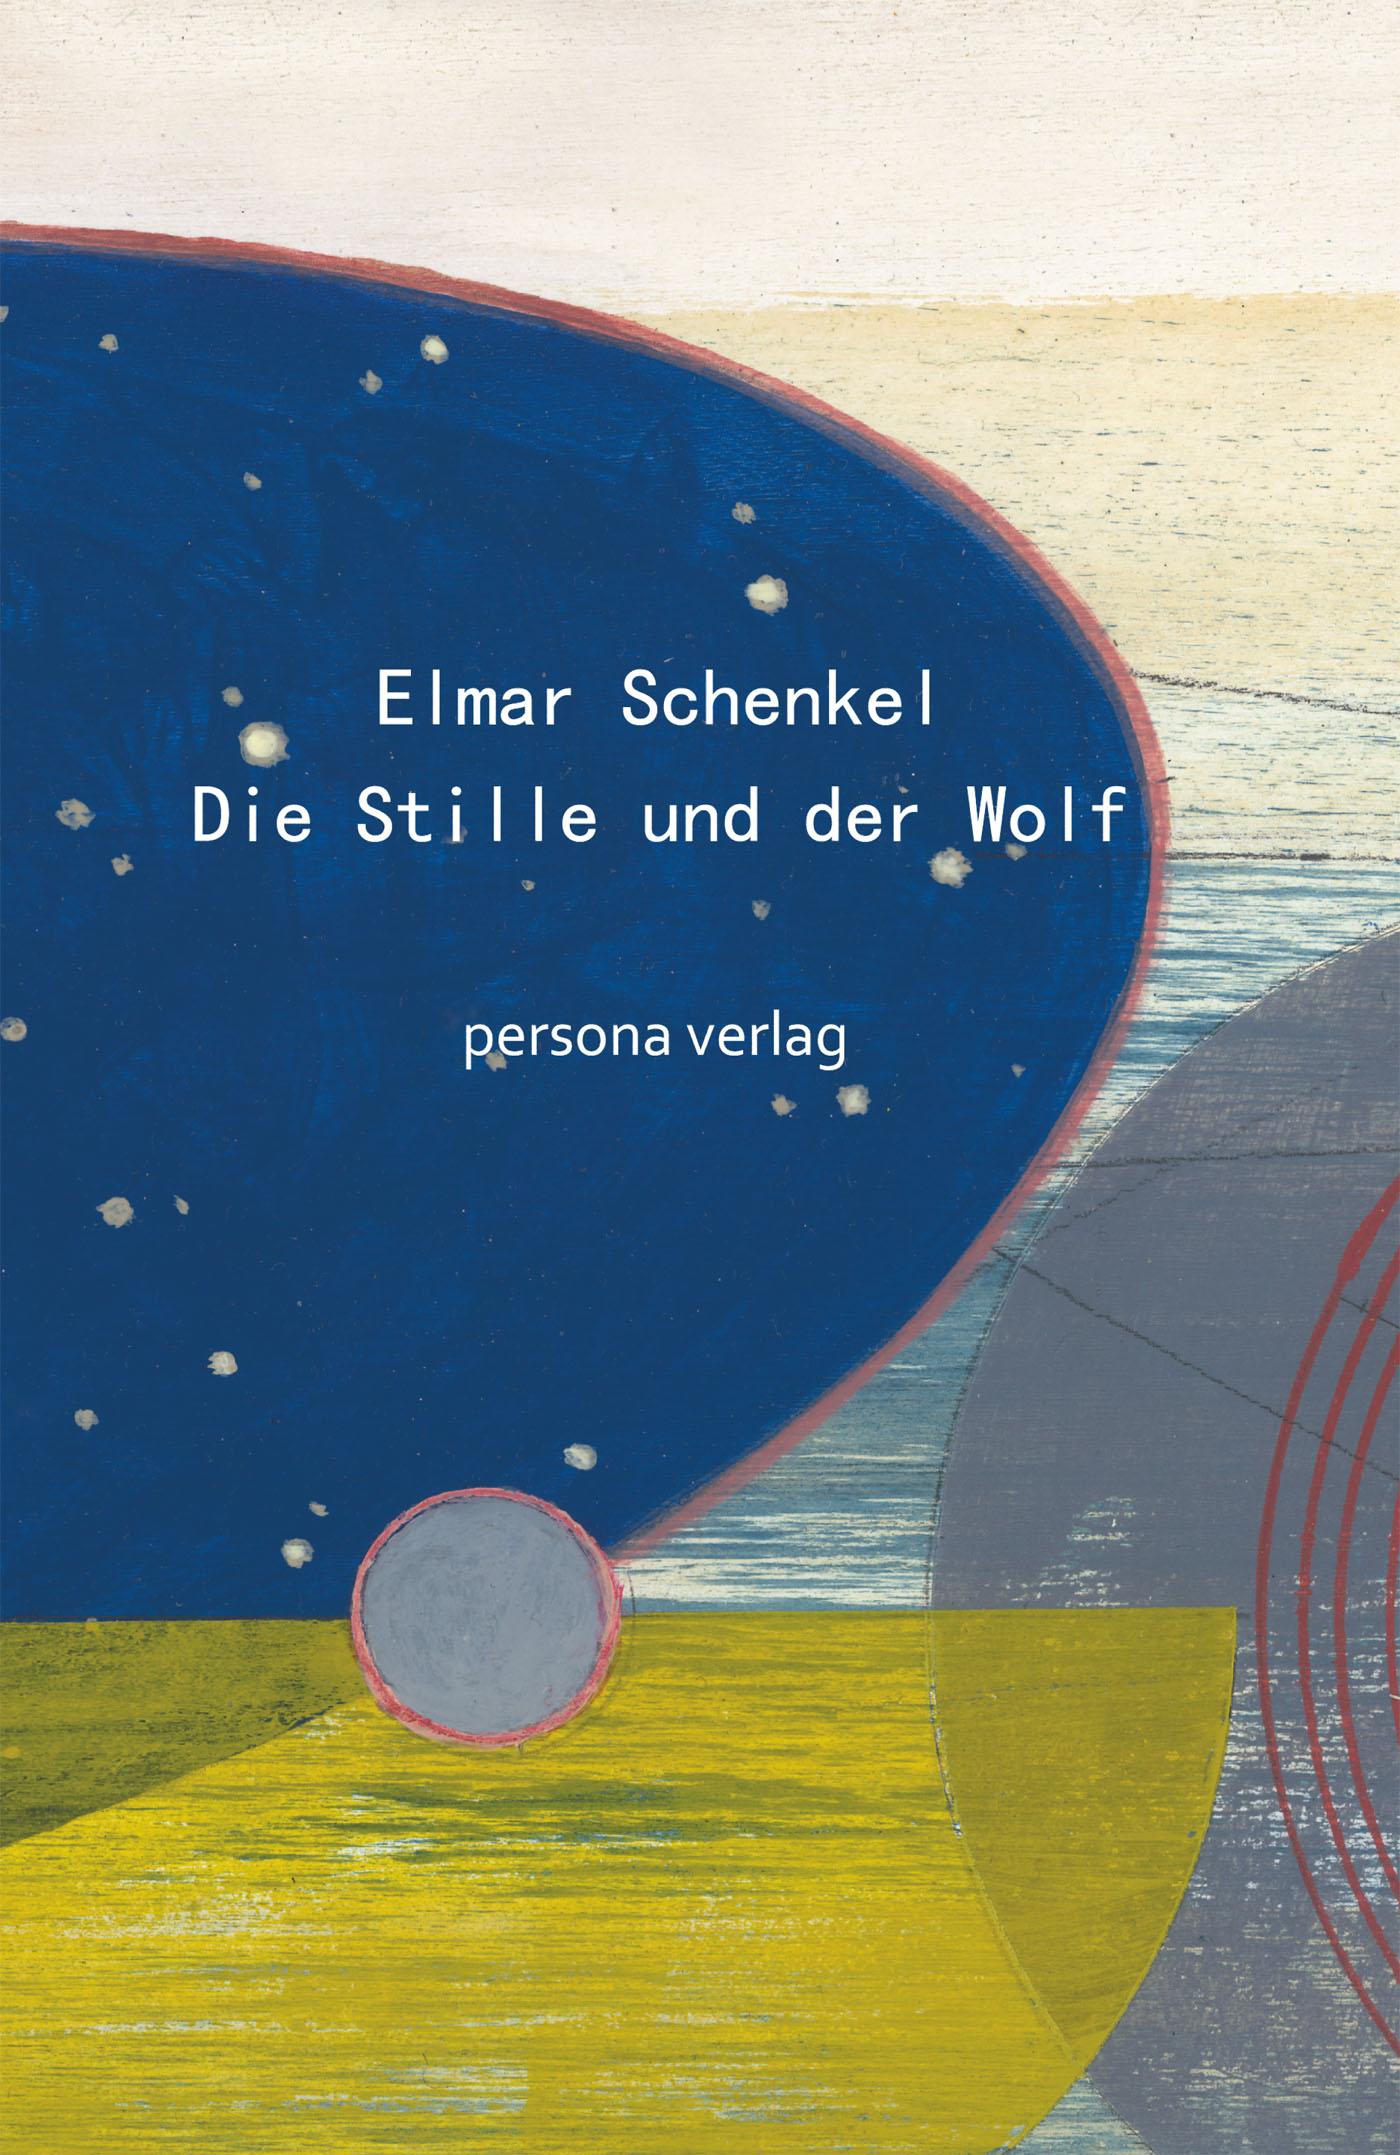 Elmar Schenkel Die Stille und der Wolf susan laine aus der stille